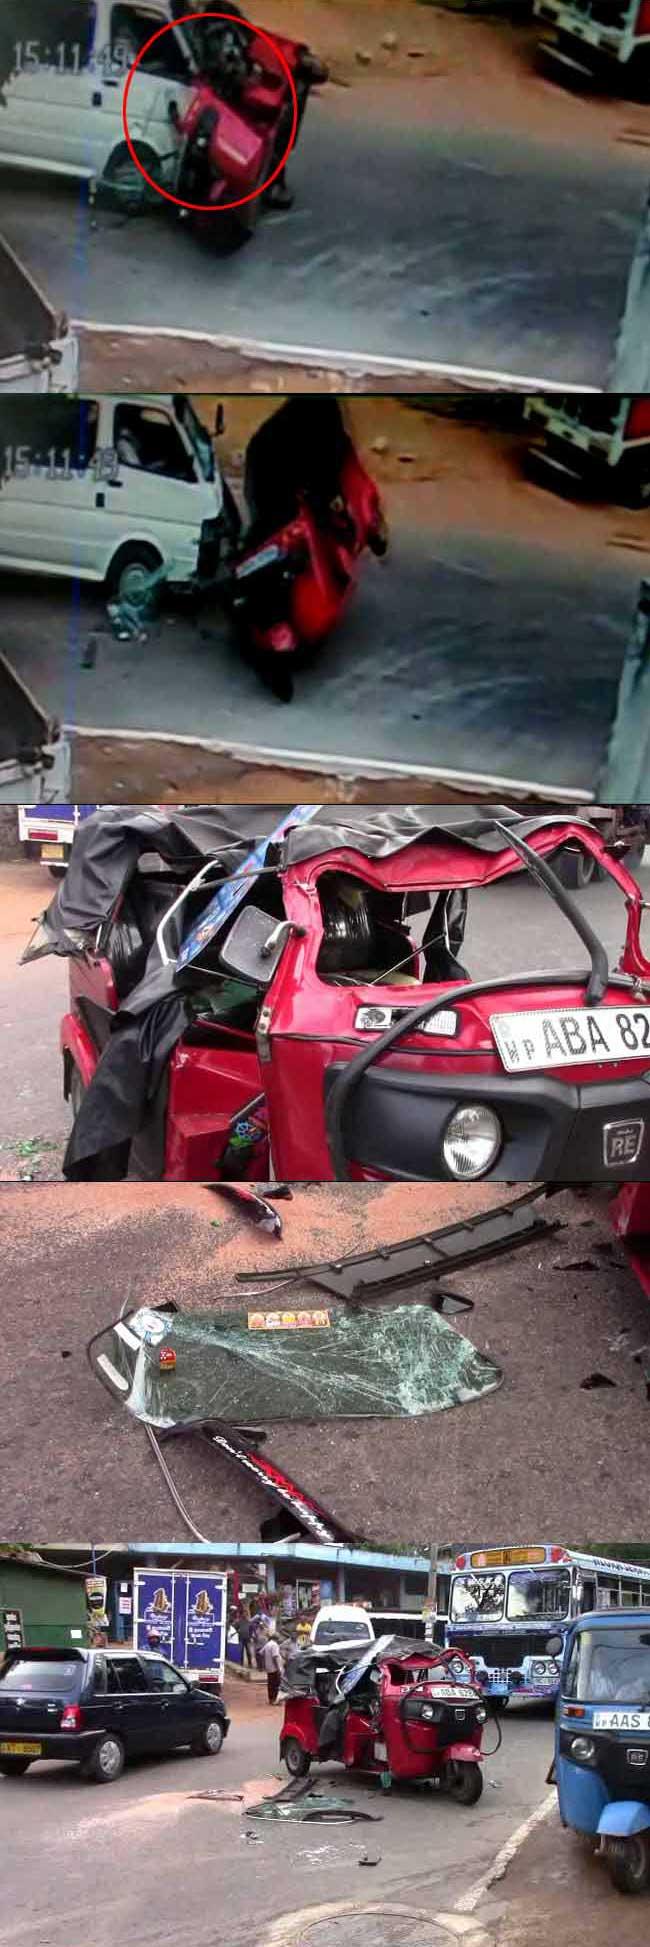 CCTV: Drunken three-wheeler driver hits school van, kills one